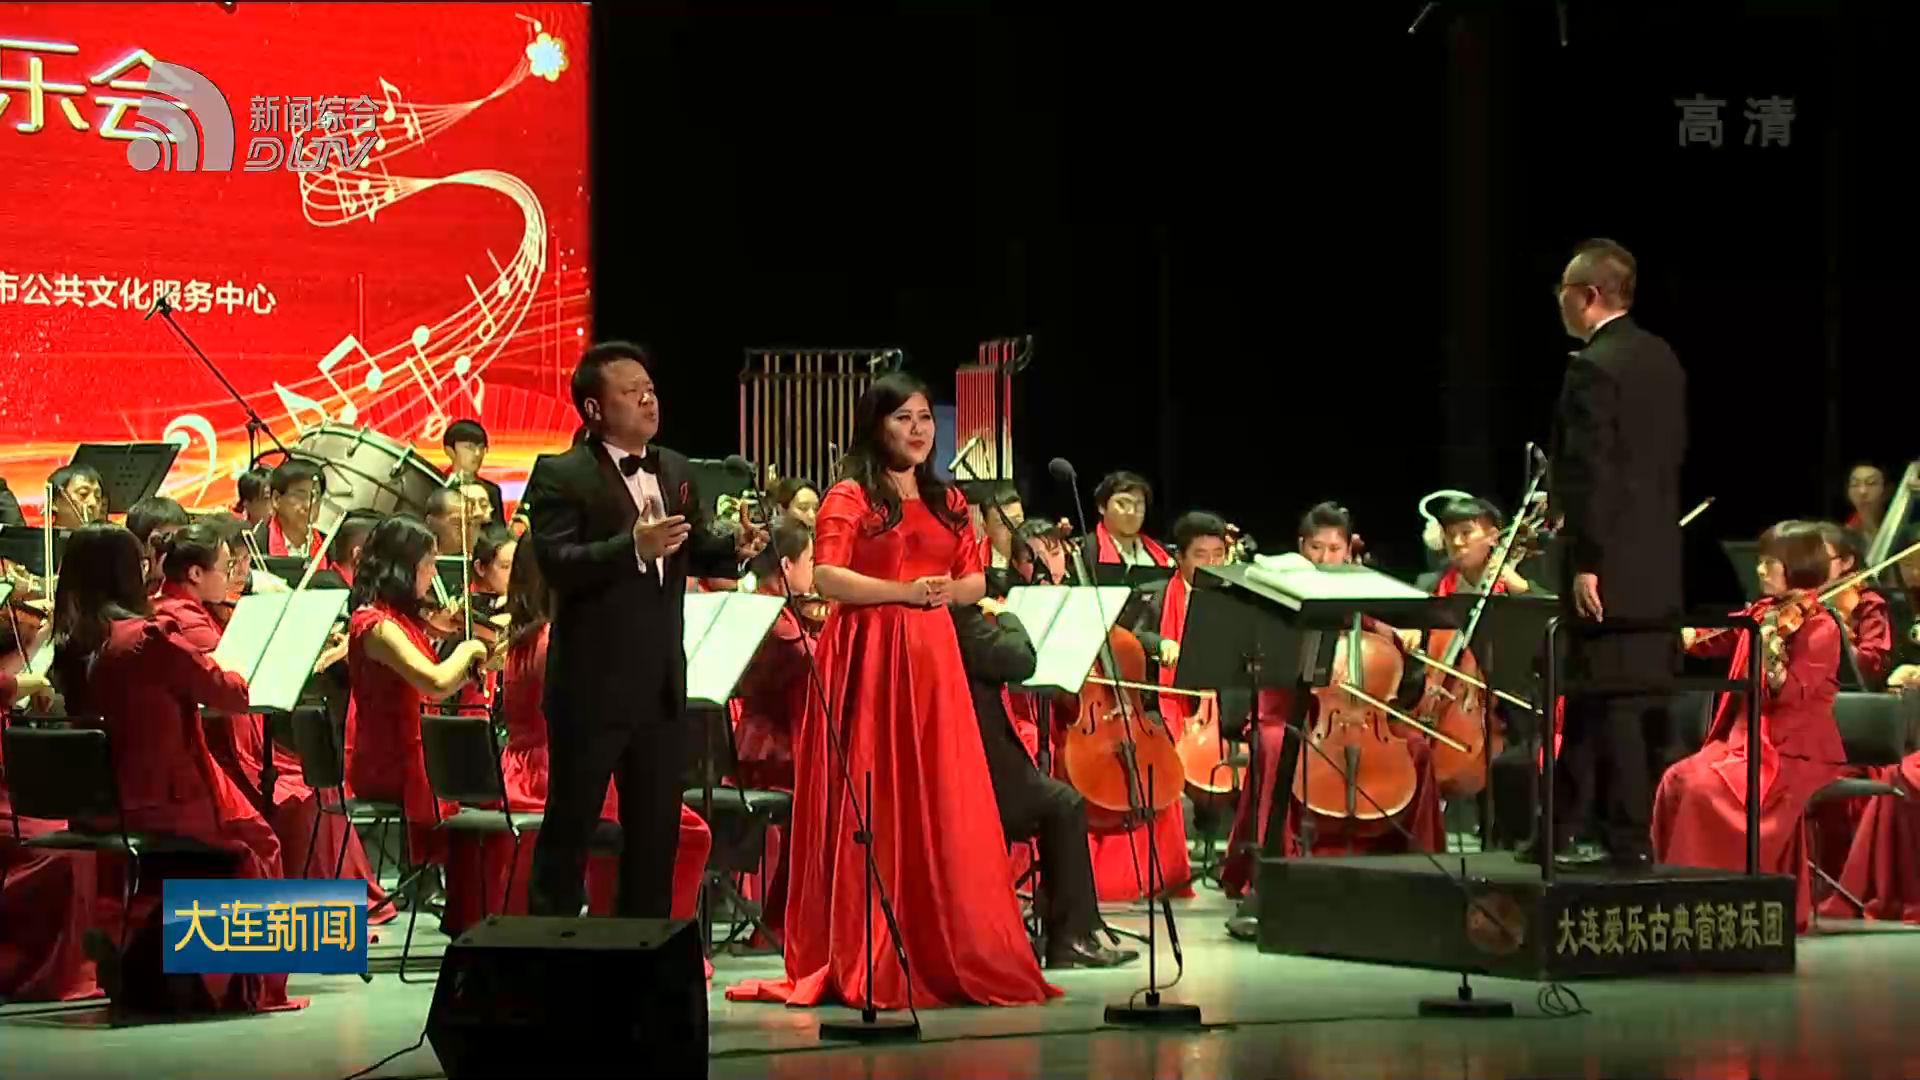 2020年大连市迎新年音乐会奏响爱的旋律